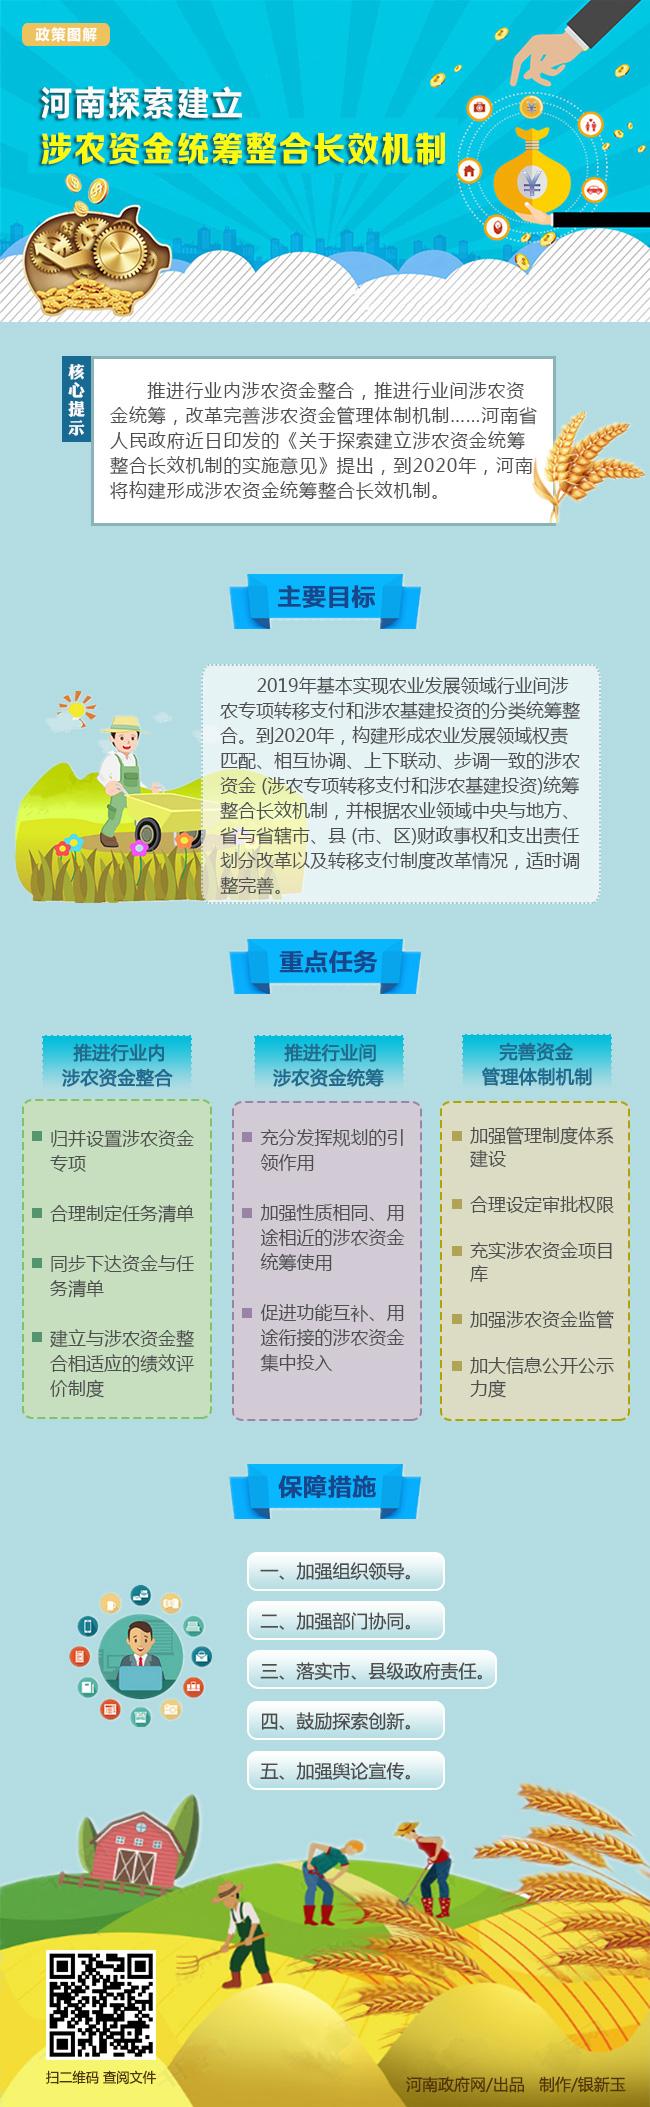 涉农资金图解0.jpg